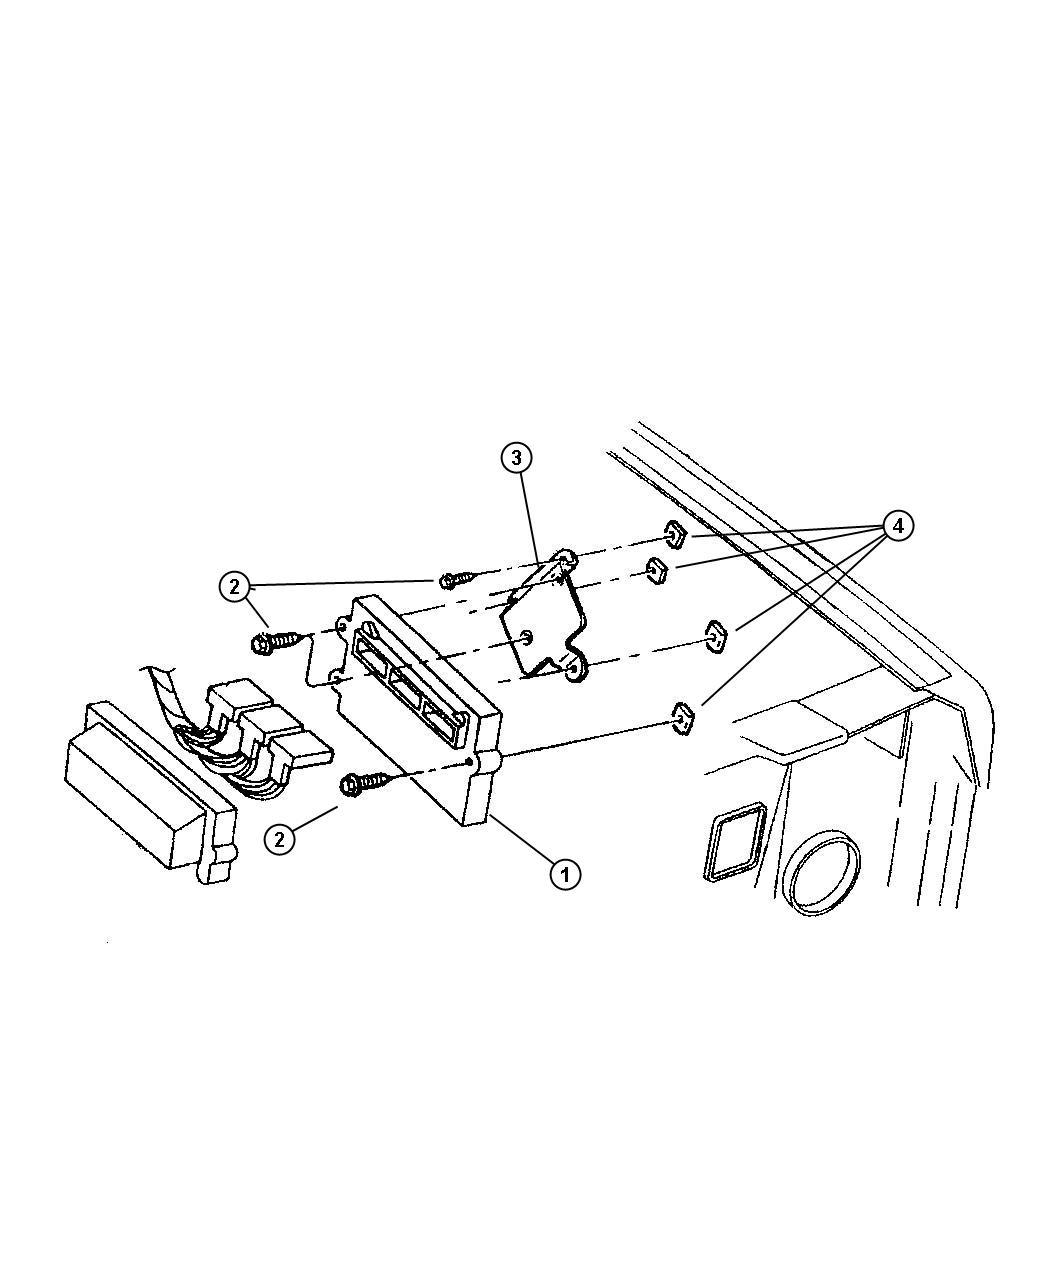 rl094149af jeep module powertrain control generic. Black Bedroom Furniture Sets. Home Design Ideas